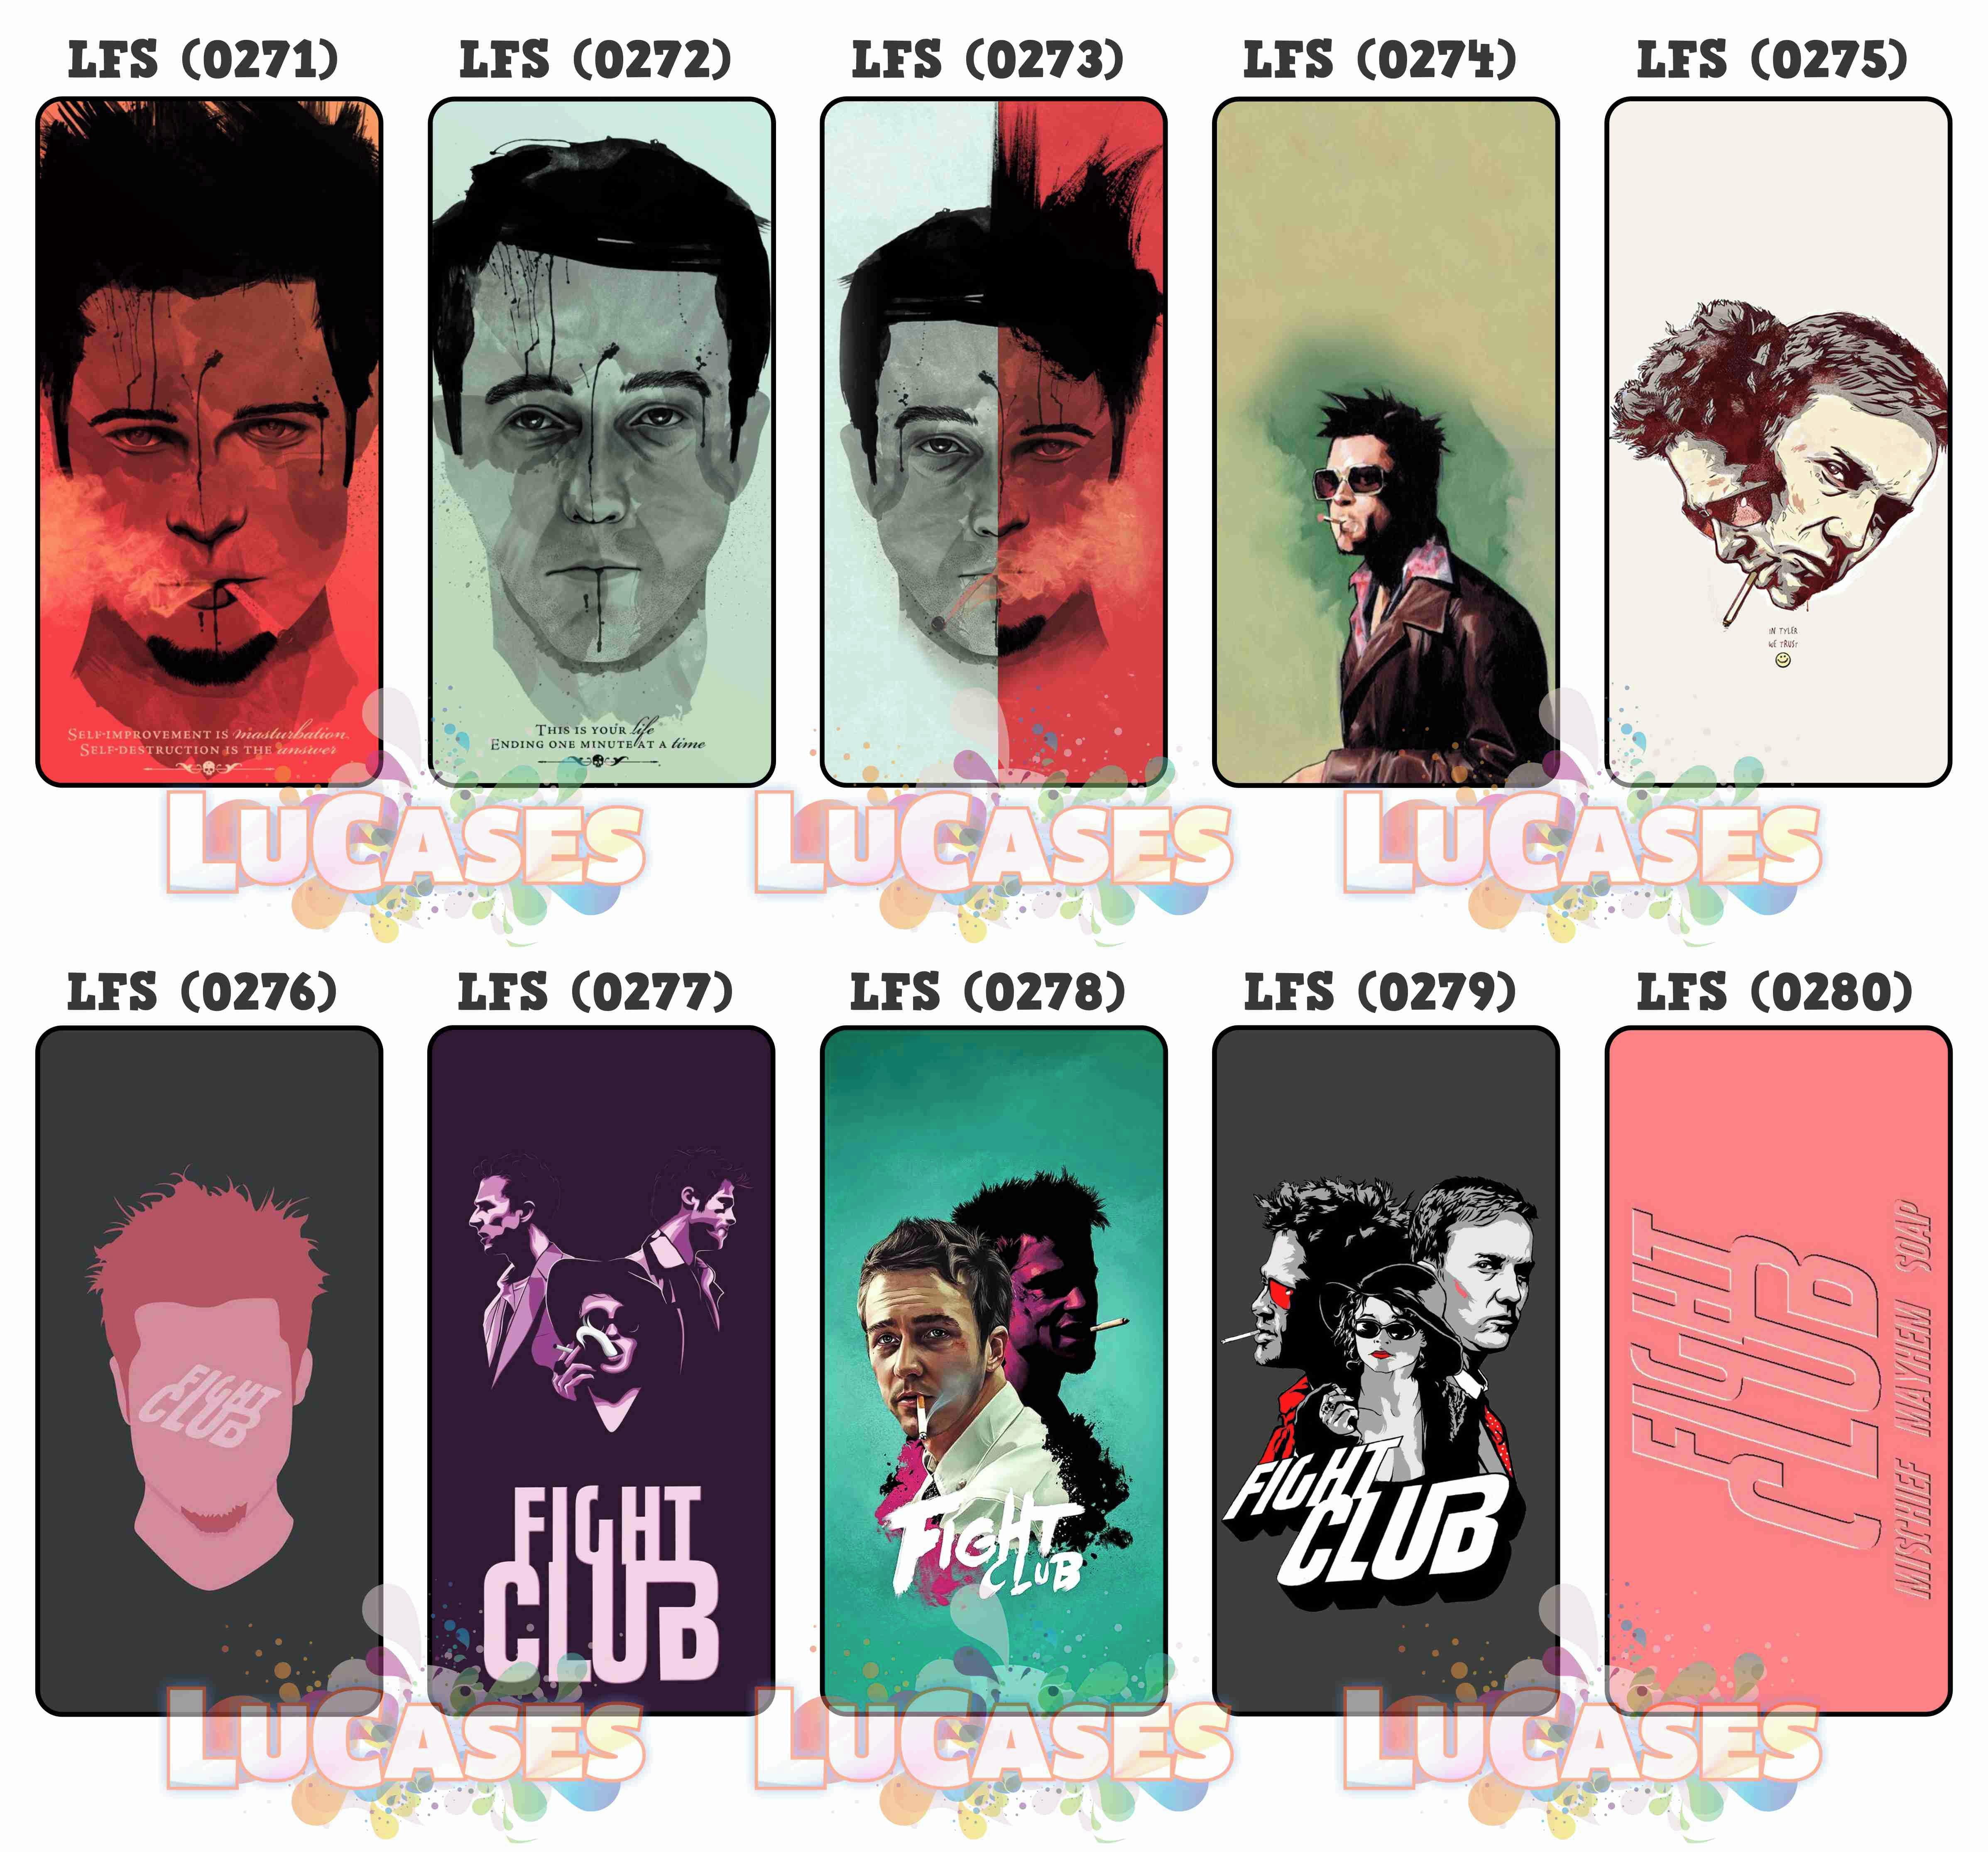 Capa Capinha Clube Da Luta Fight Club No Elo7 Loja Lucases D2450e